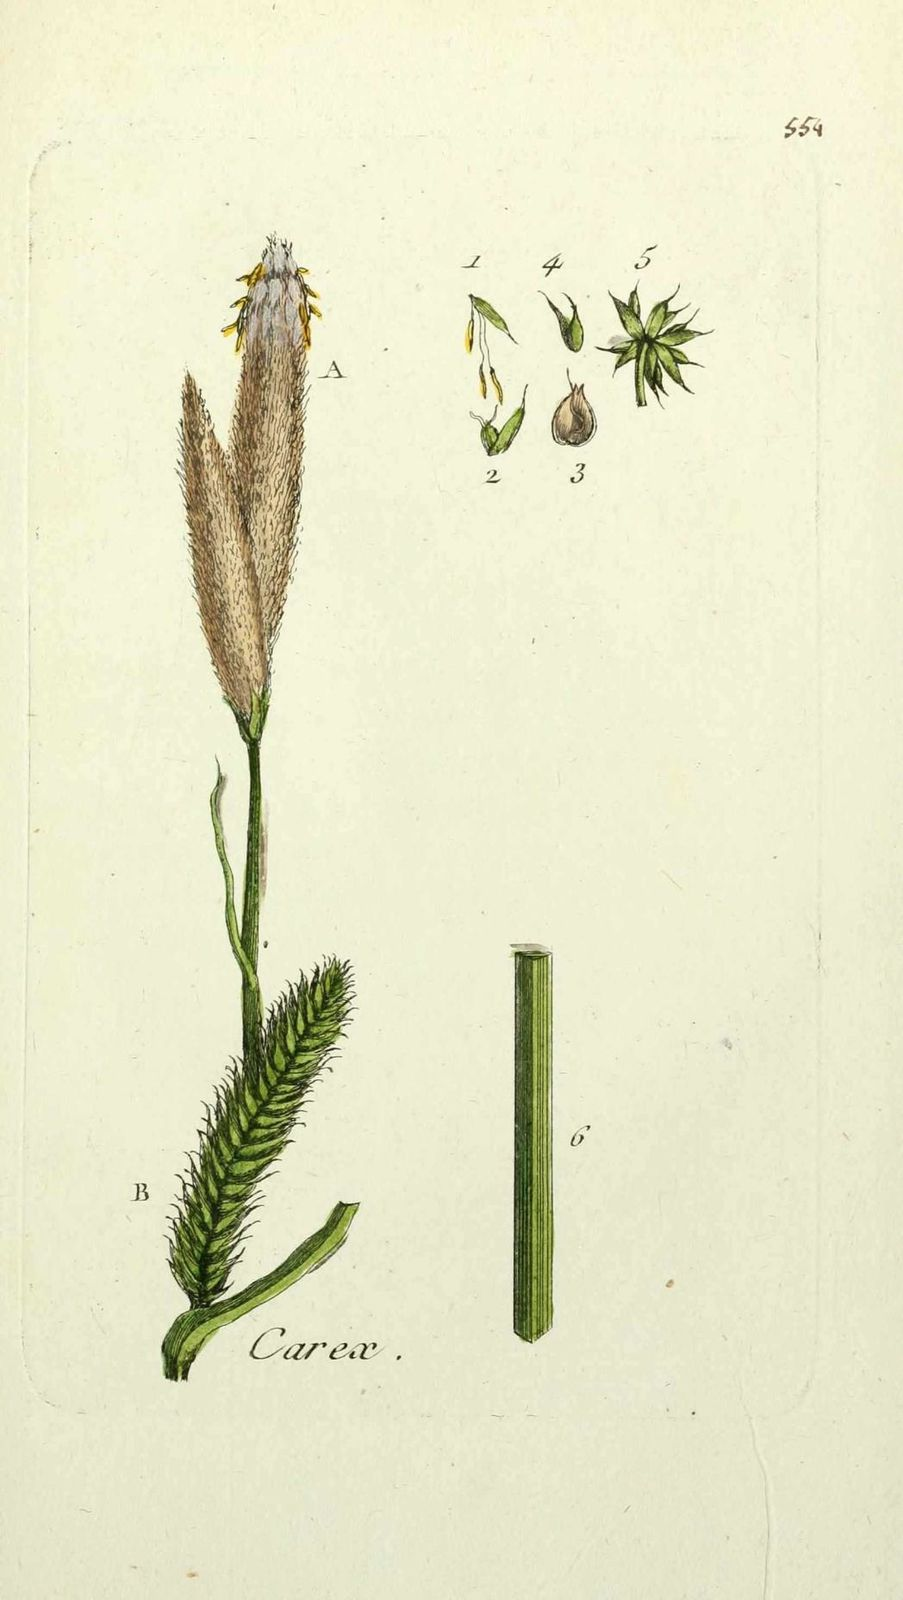 laiche faux souchet - carex pseudo cyperus